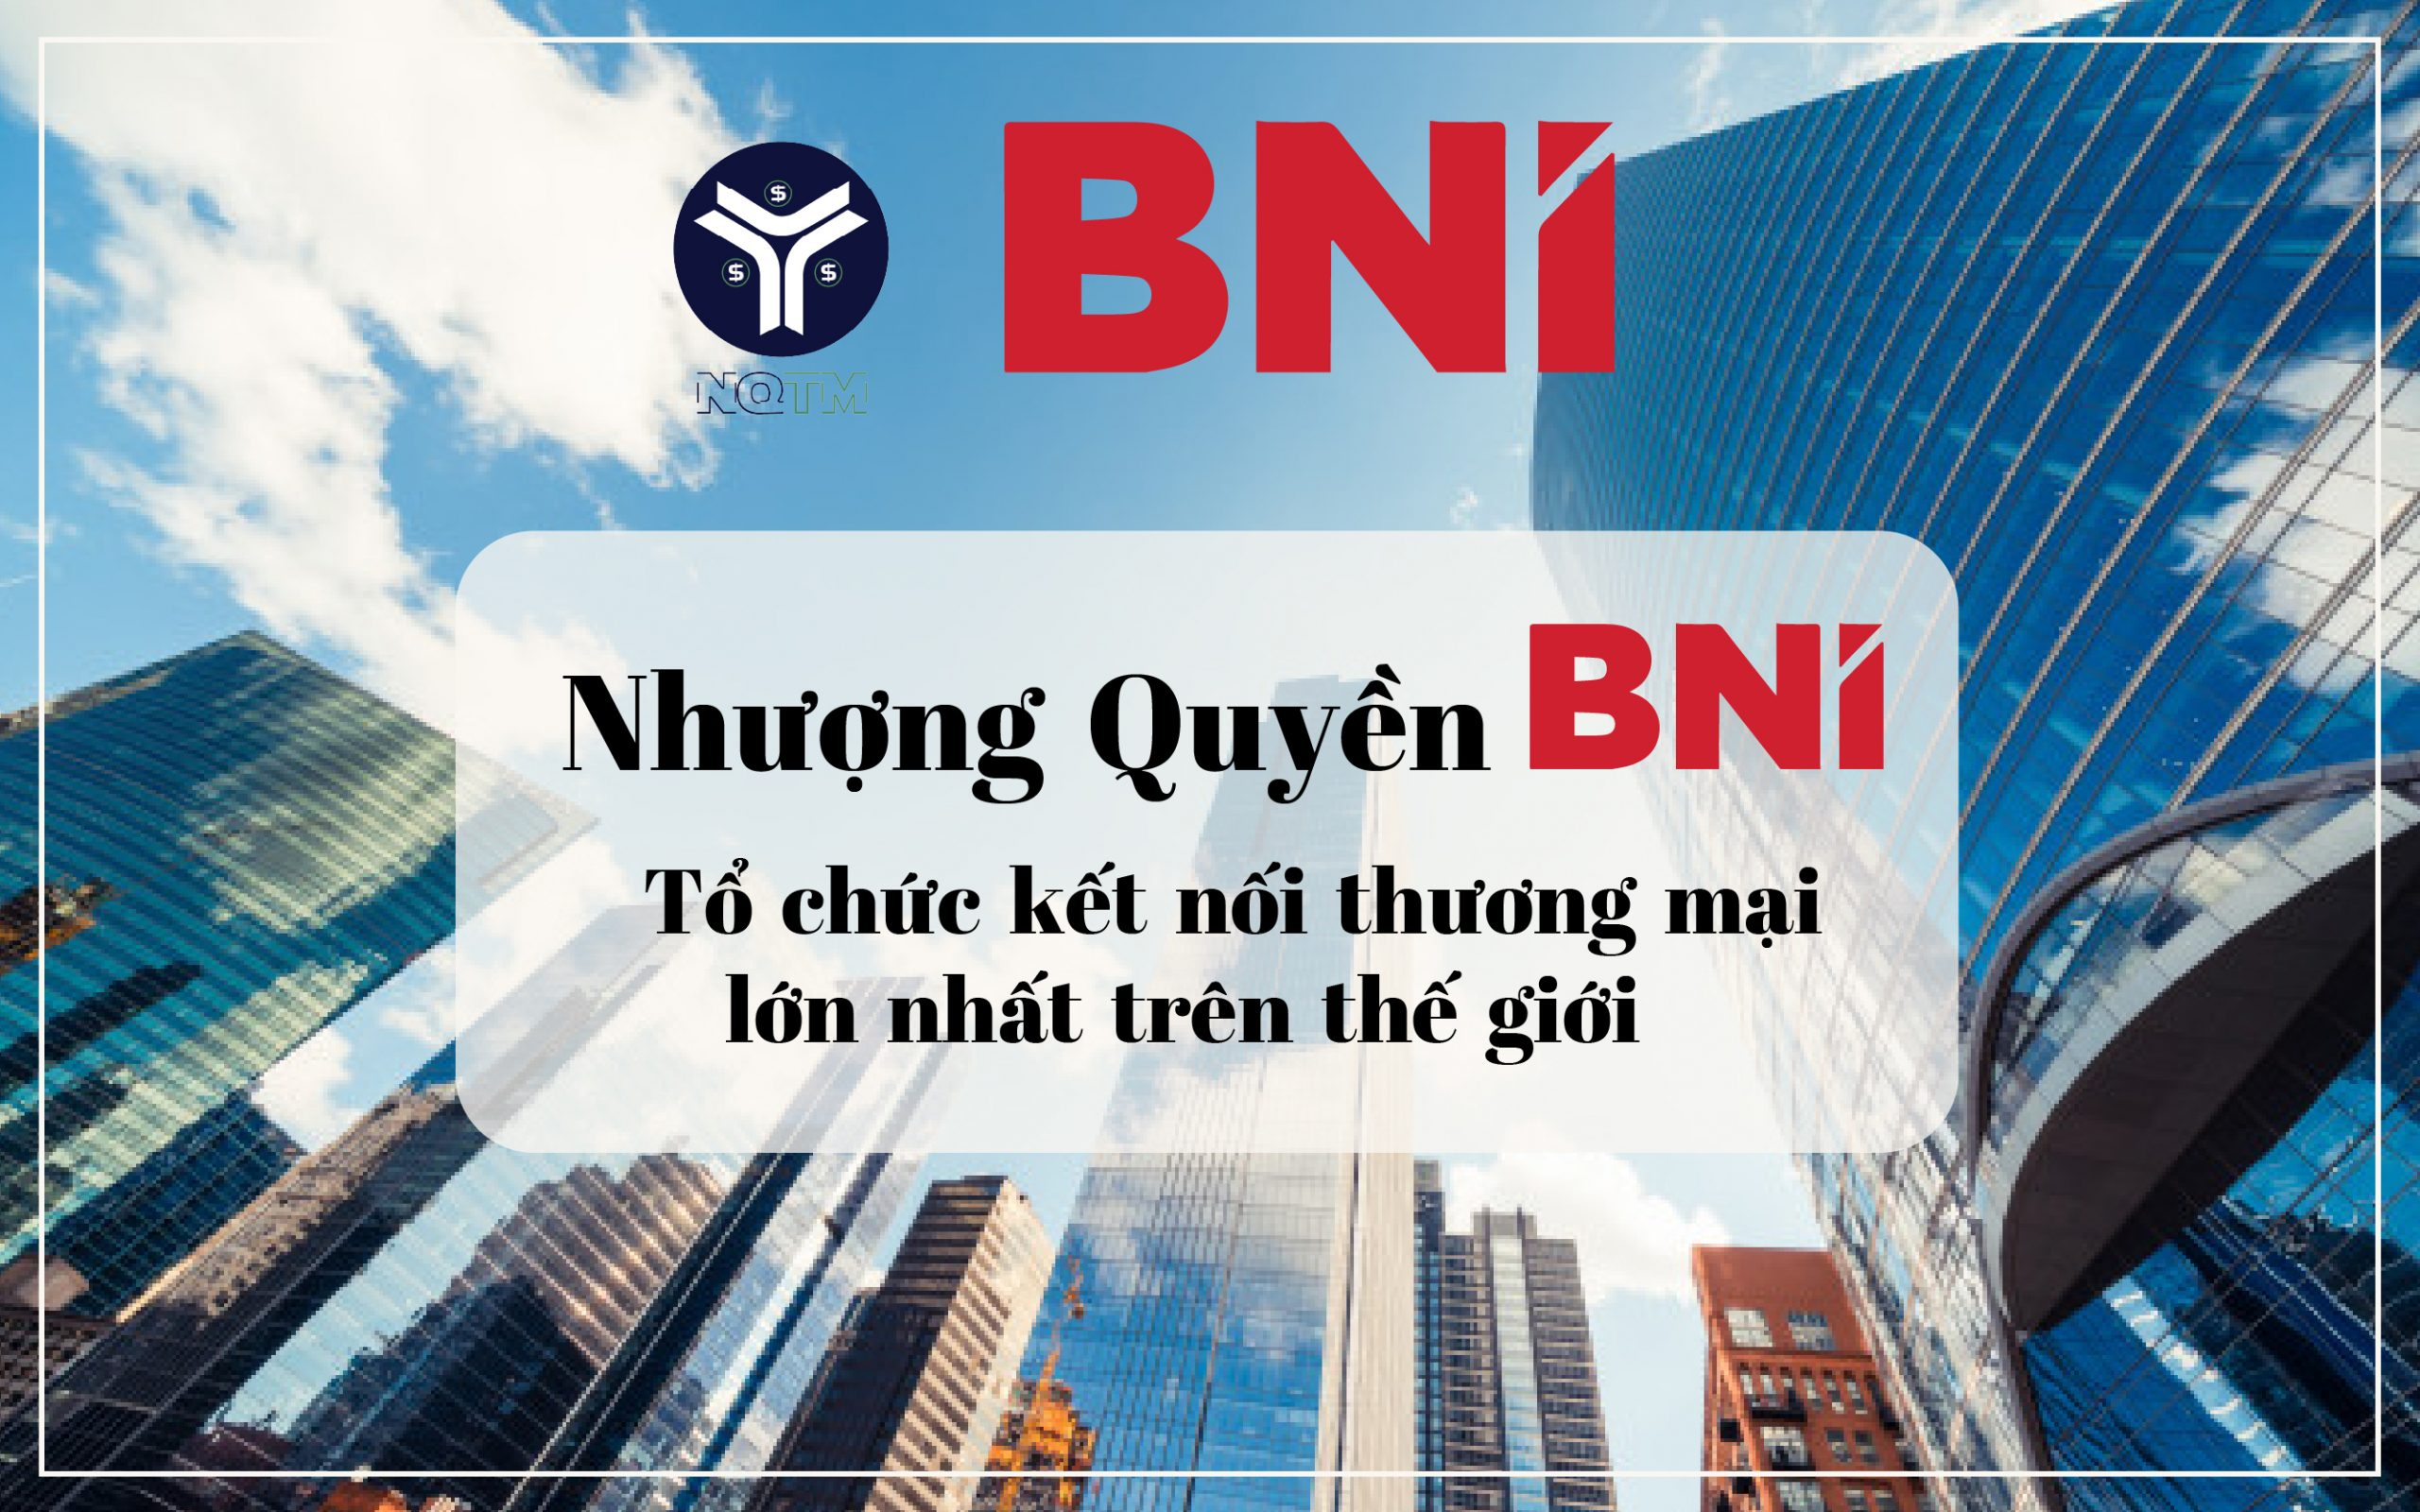 Nhượng quyền BNI việt nam - Tổ chức kết nối thương mại lớn nhất trên thế giới